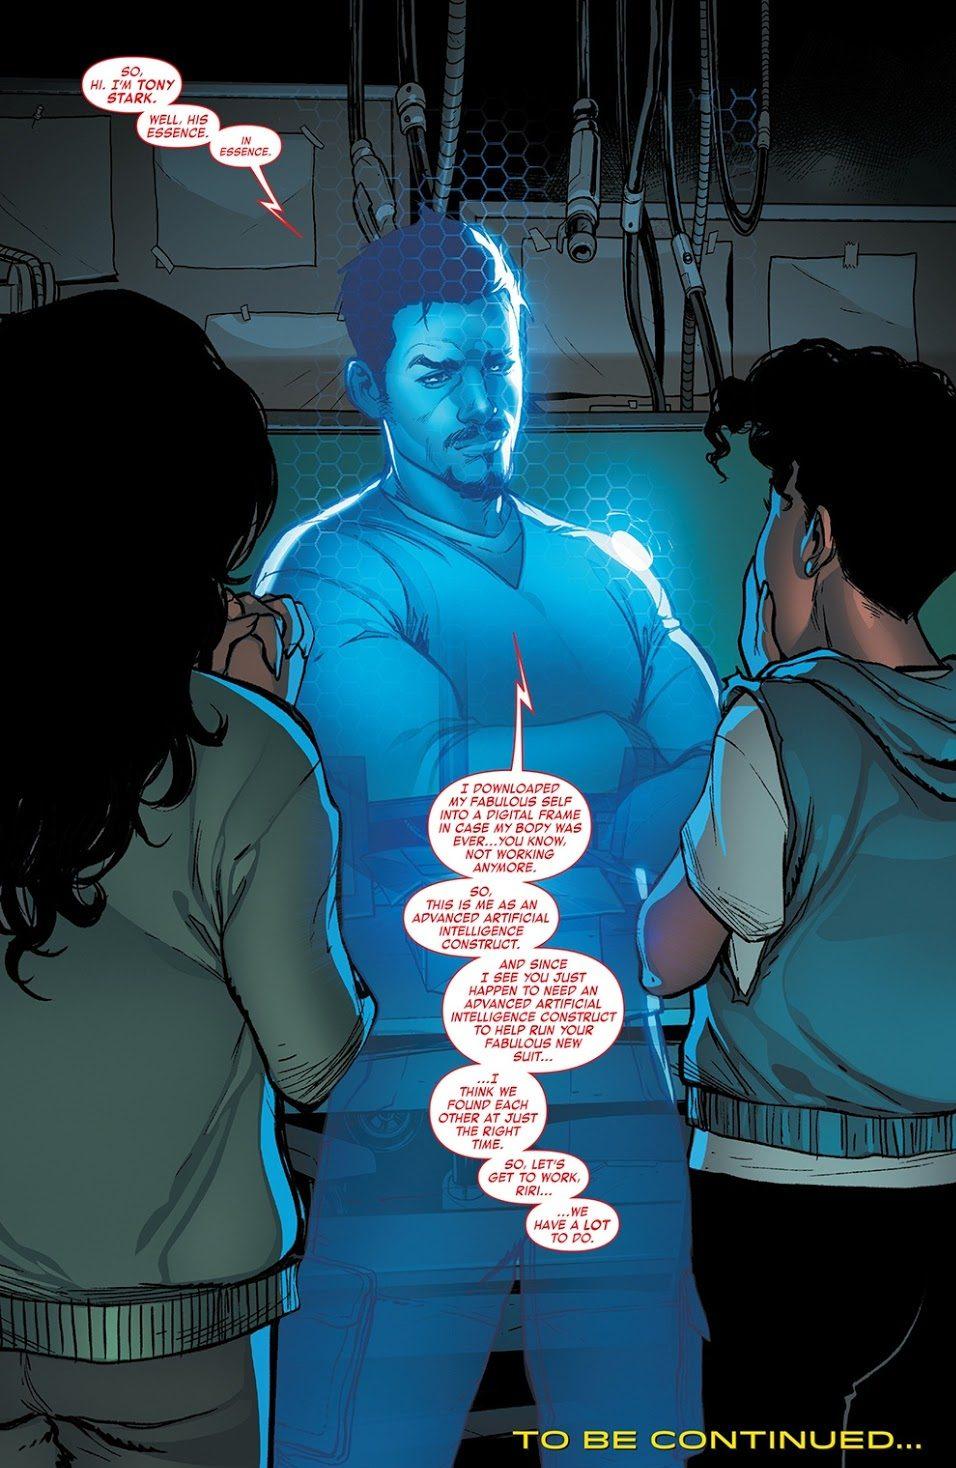 IA de Tony Stark - Guerra Civil II: Tony Stark está morto?